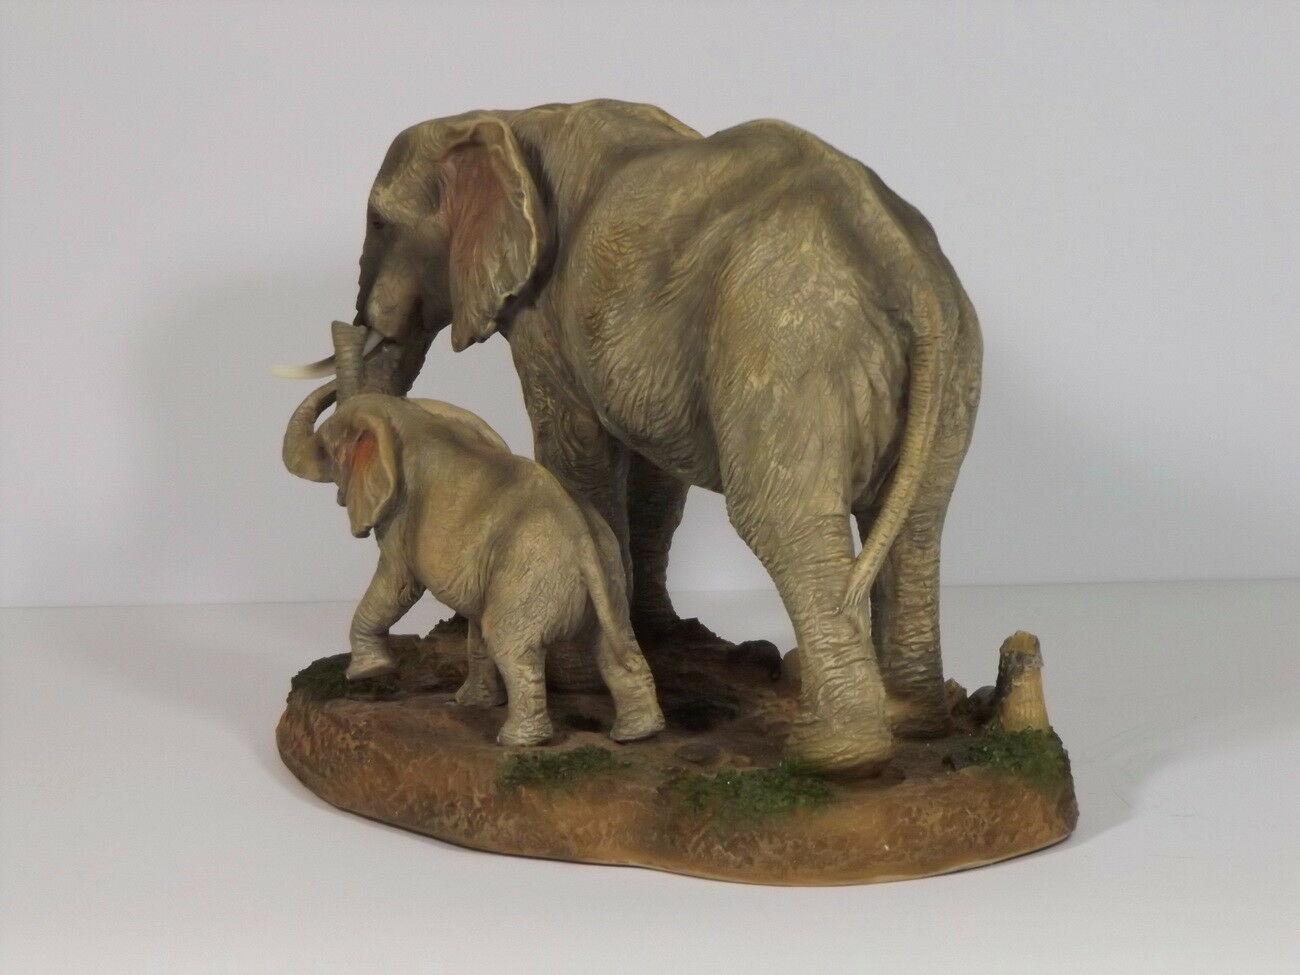 Elefant Baby Tierfigur Skulptur Skulptur Skulptur Elefanten Deko Garten Tier Figur Afrika Statue 82b197